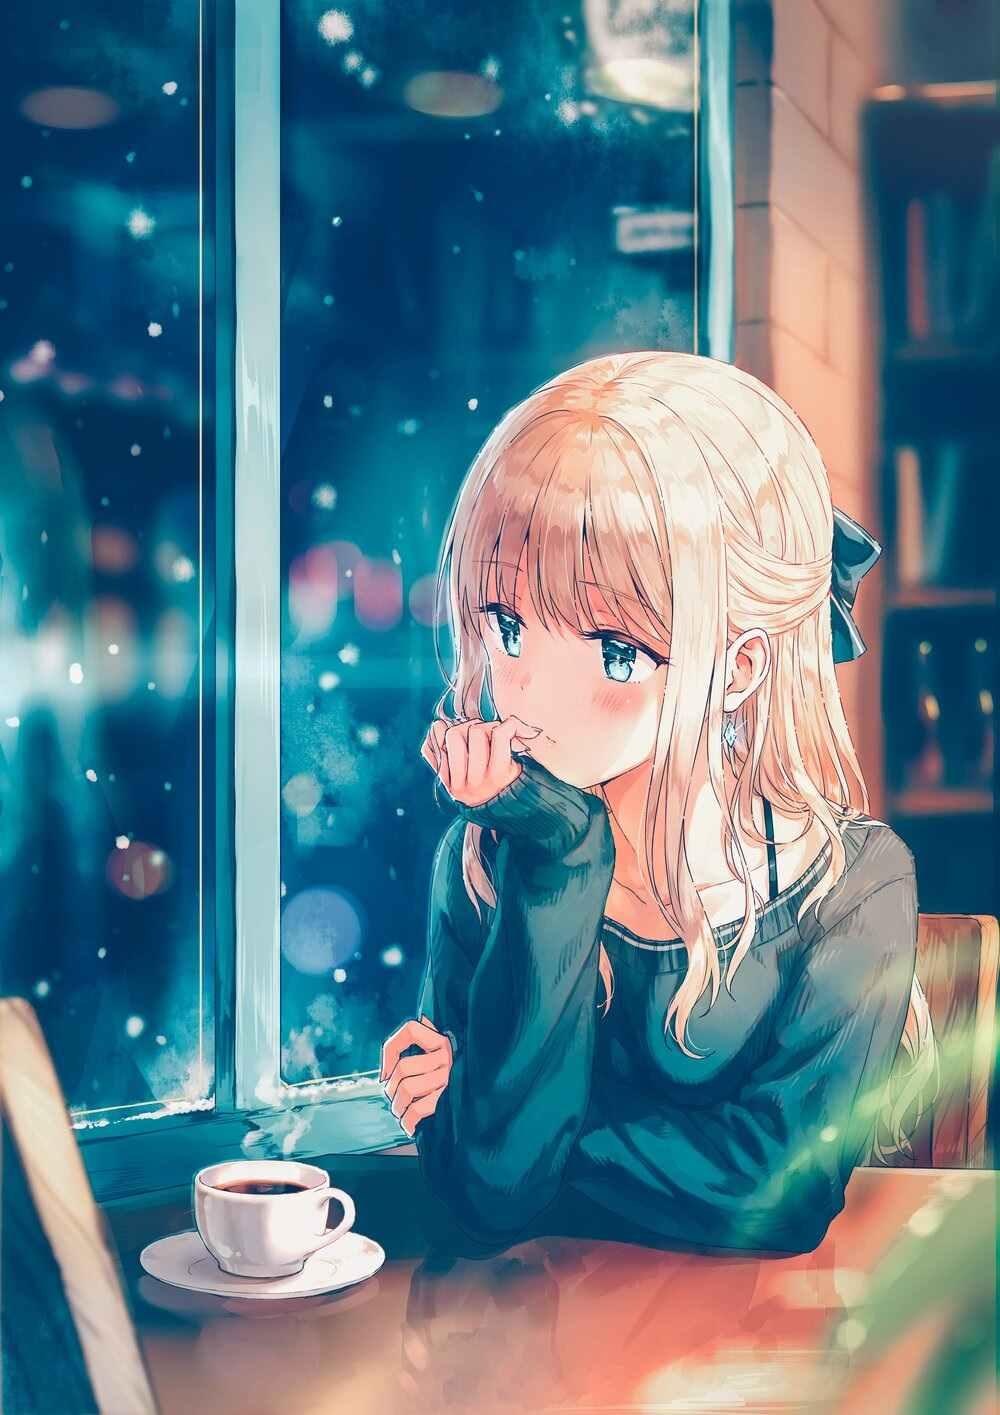 Красивые аниме картинки на аву для девушек 11